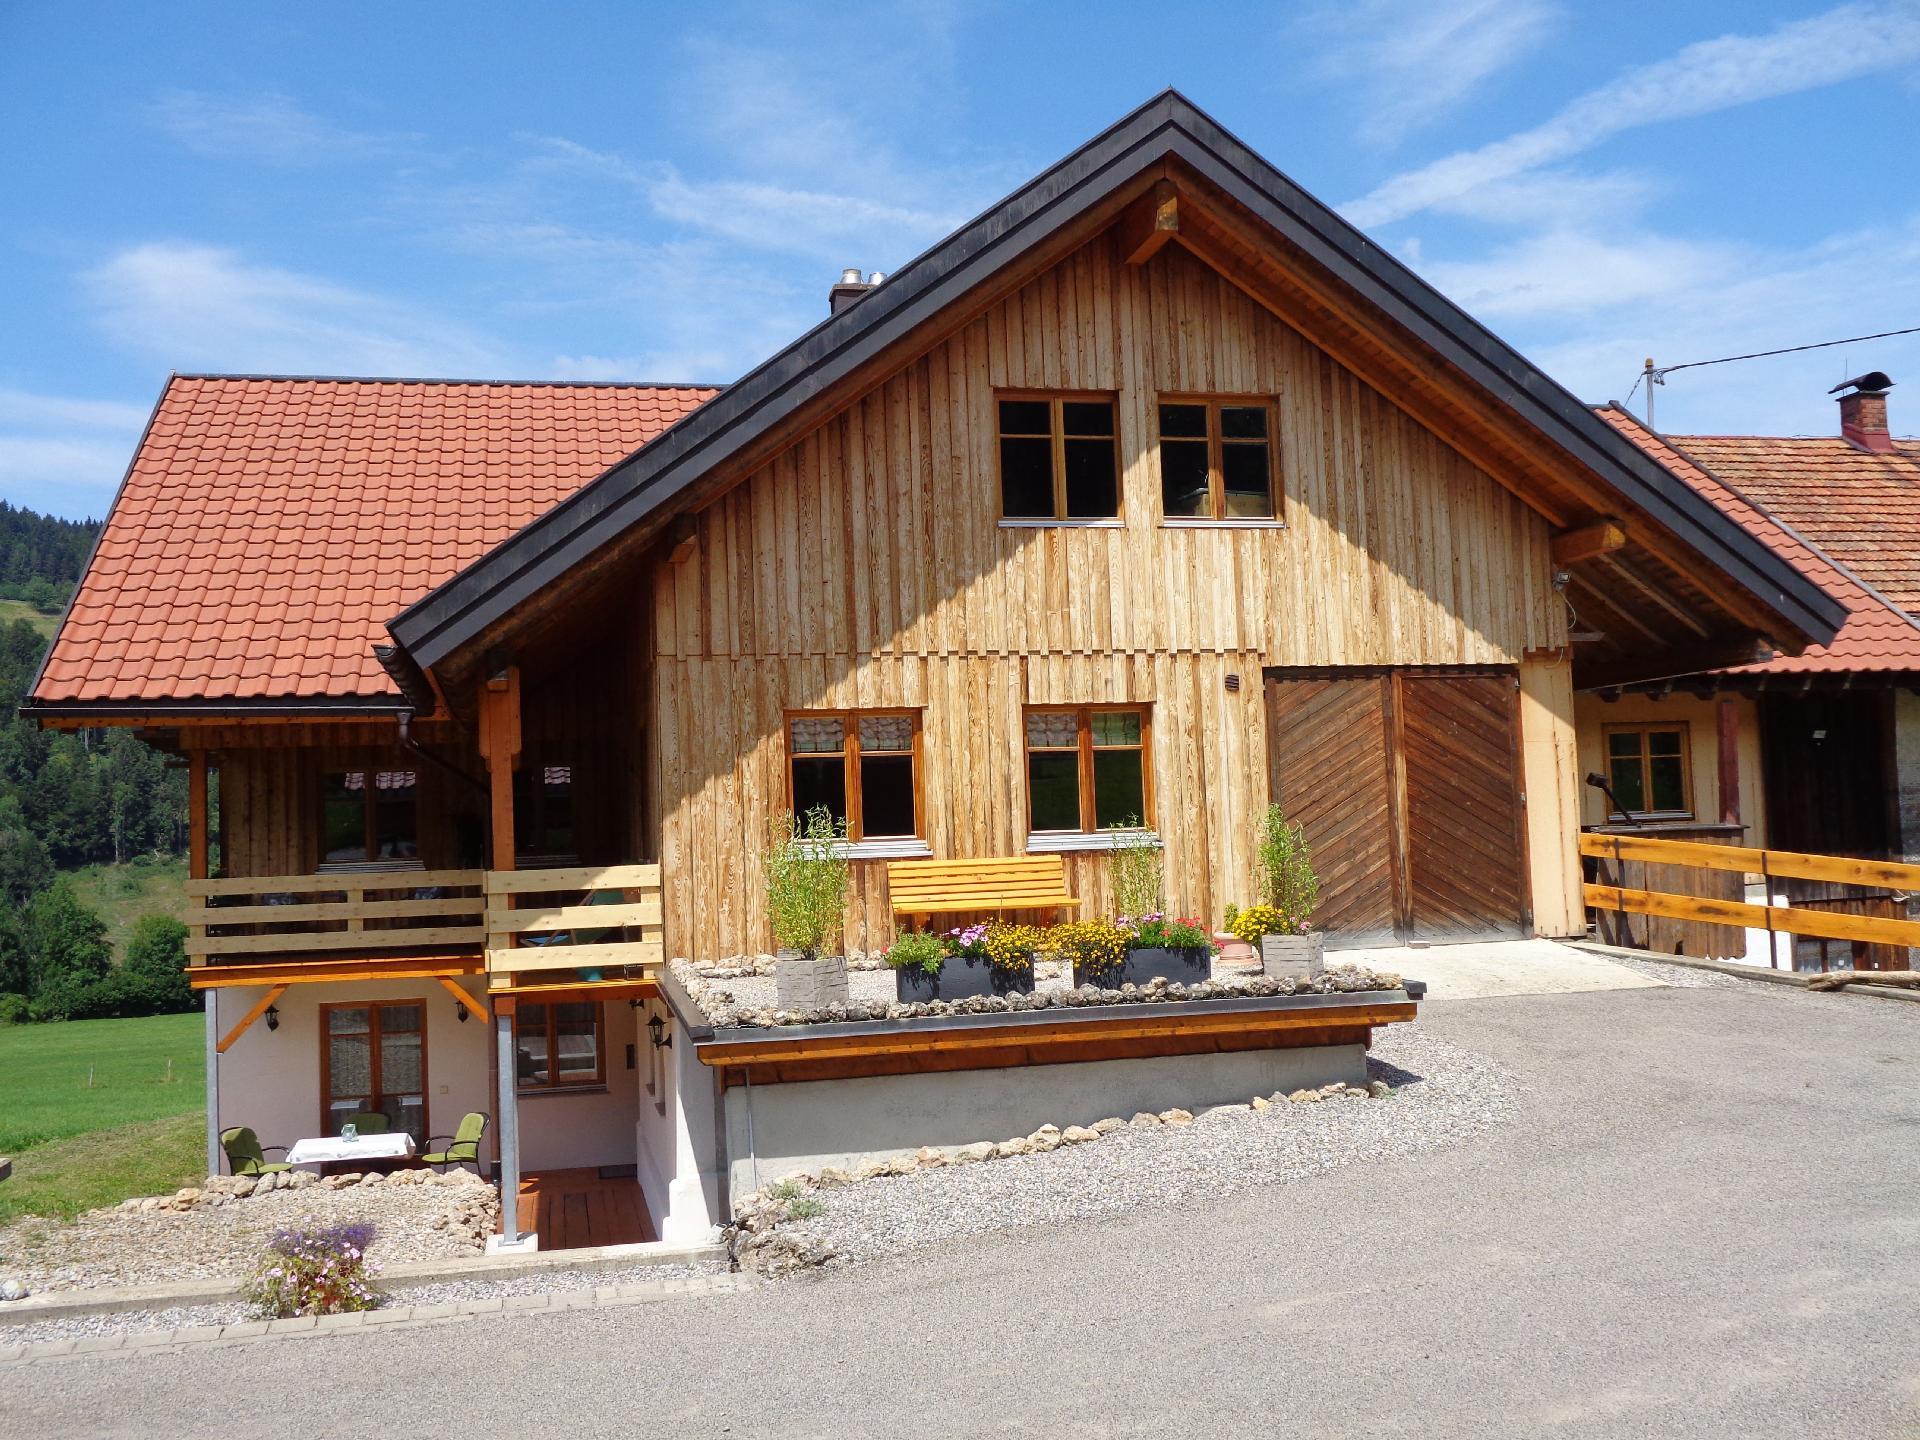 Ferienwohnung für 2 Personen  + 2 Kinder ca.   im Allgäu